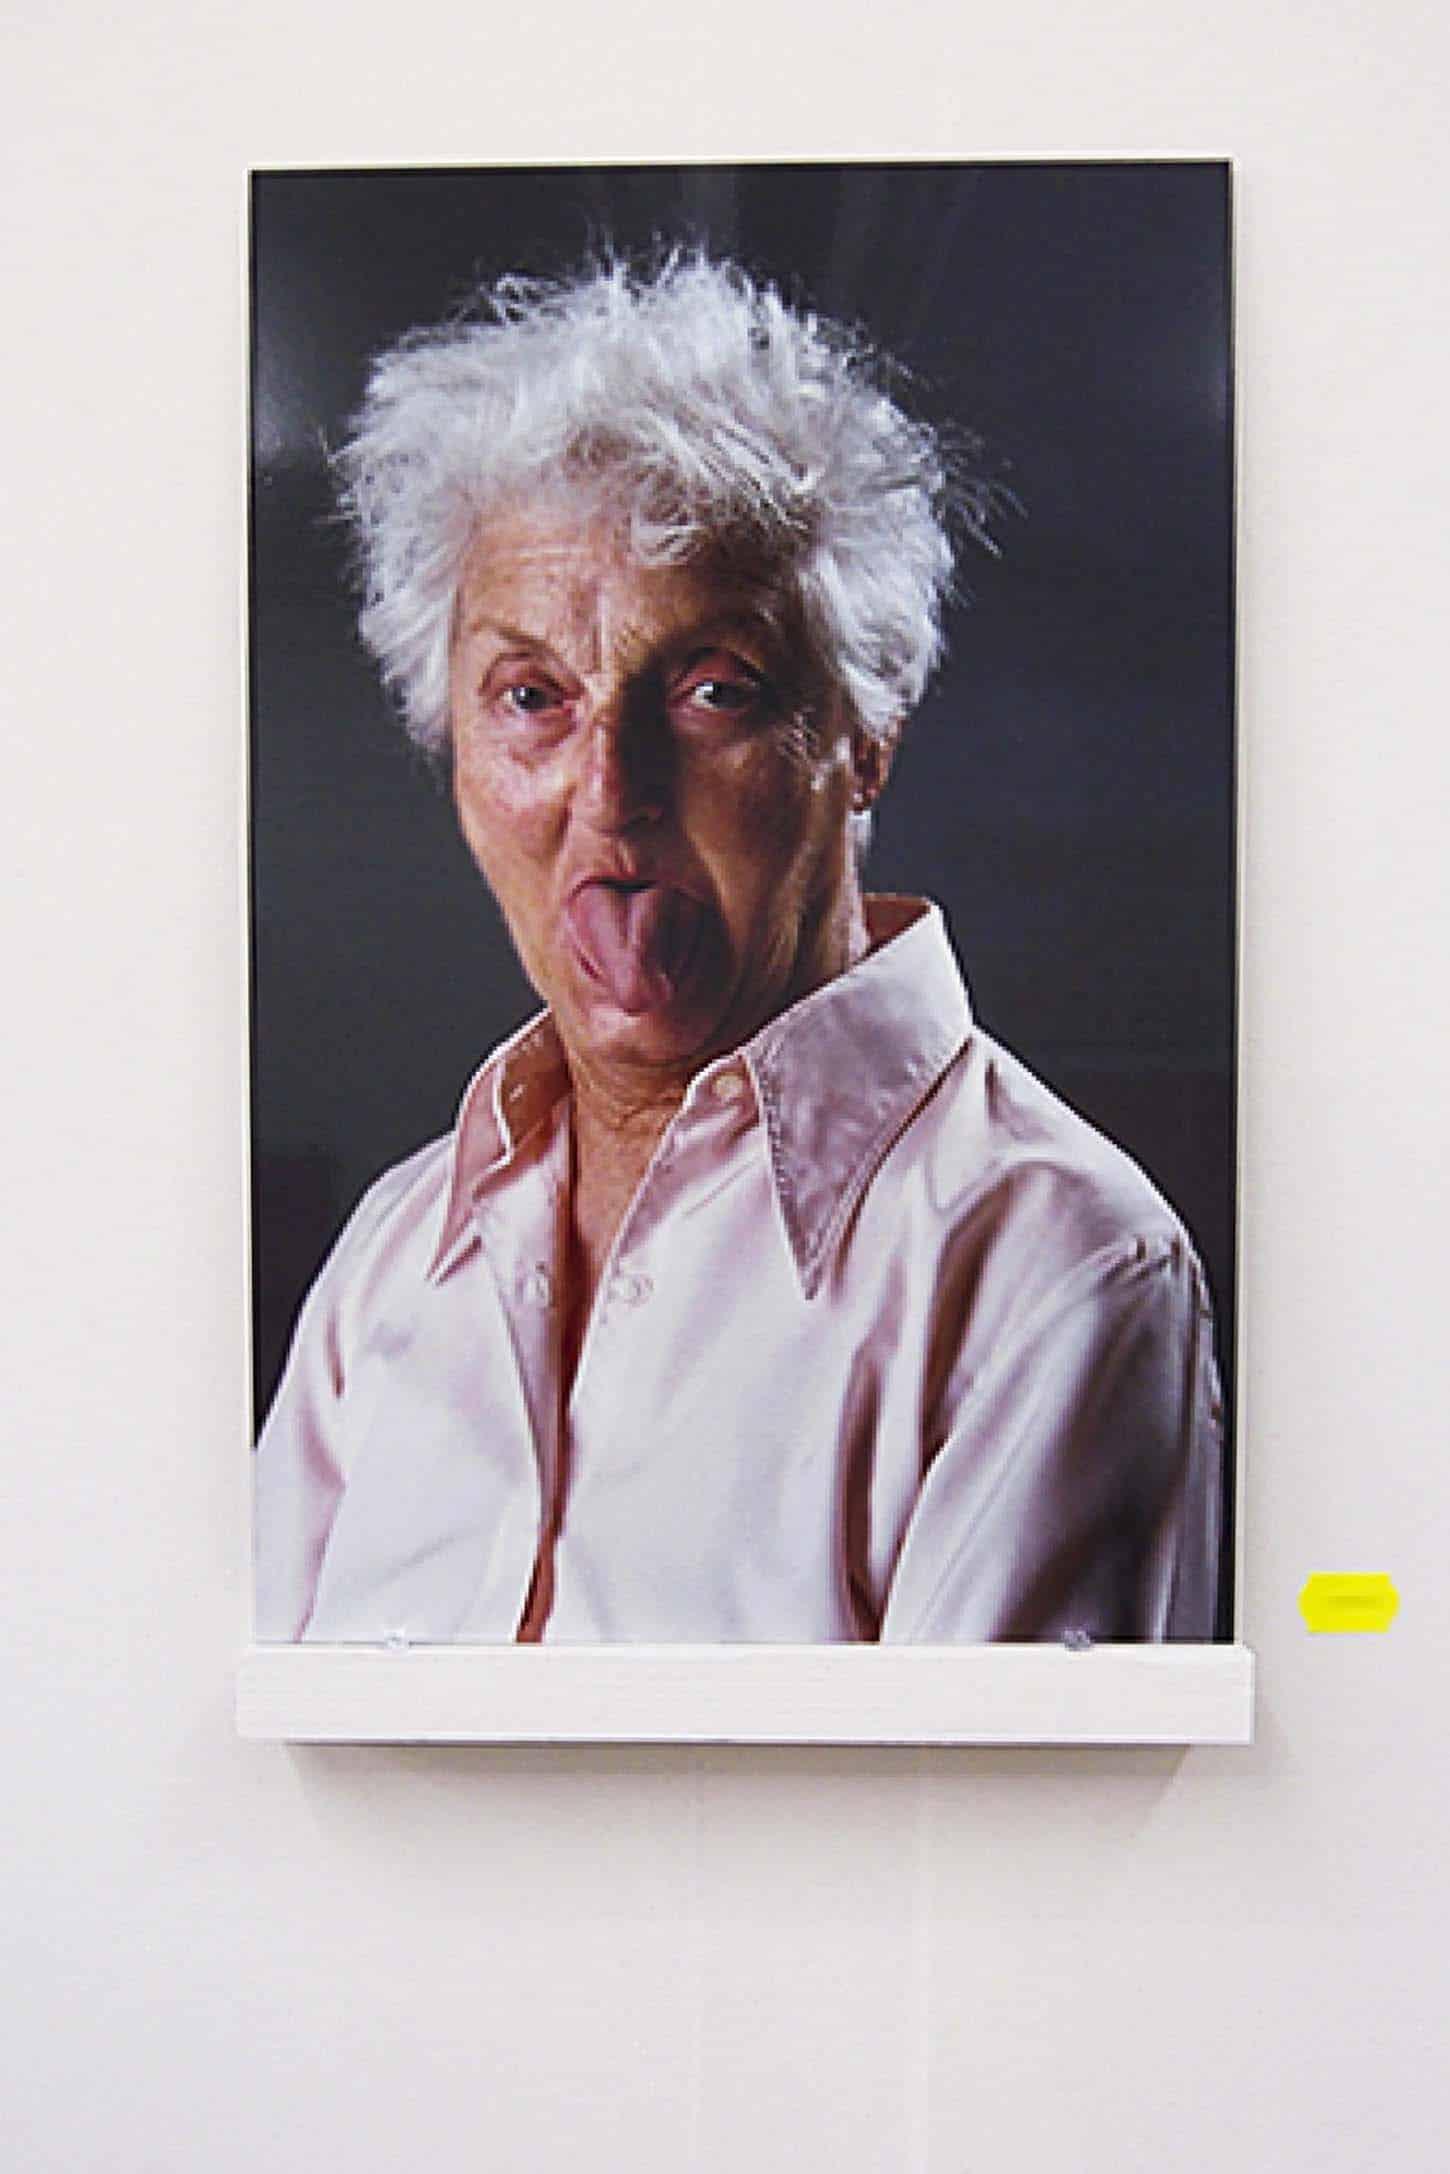 Lionel Scoccimaro,Série lesOctodégénérés, sans titre, 2001,Tirage numérique contrecollé sur dibond, 45 x 30 cm